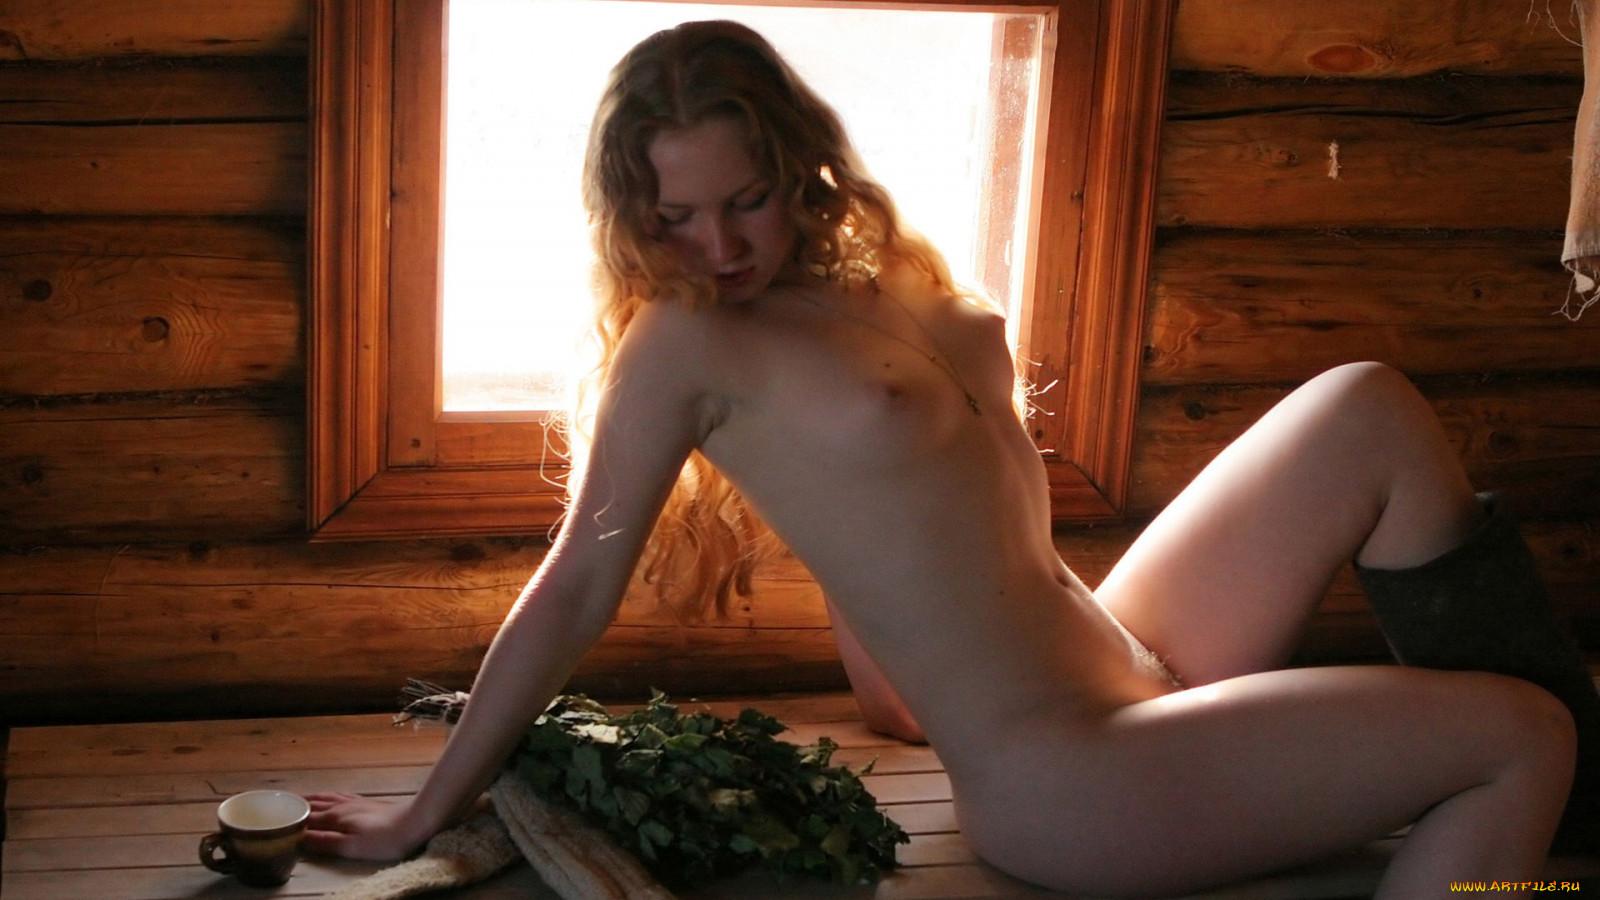 Про девушек в бане, В женской бане -видео. Смотреть в женской бане 4 фотография